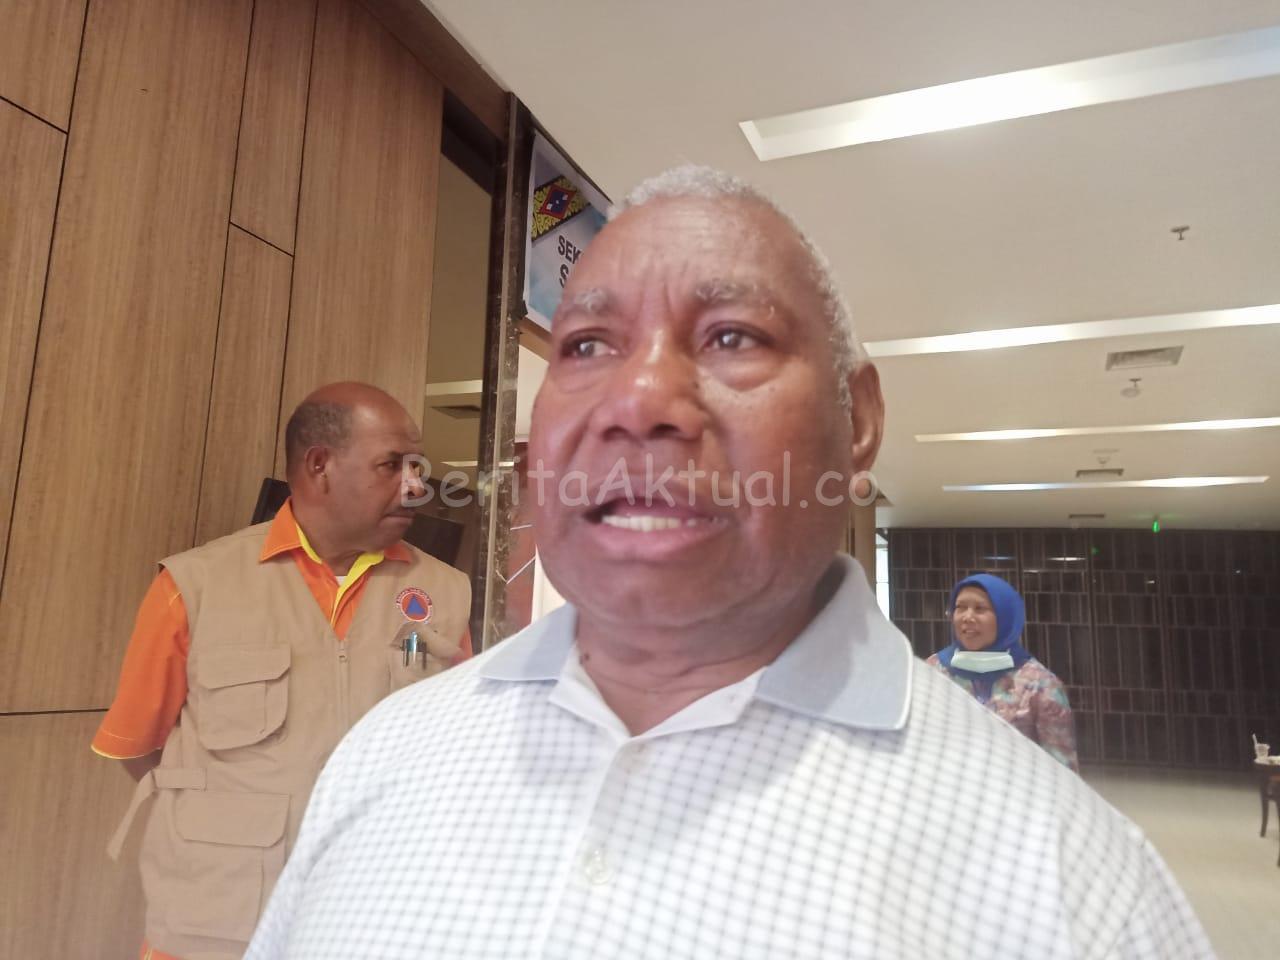 Gubernur: Karena Virus Corona, Pelaksanaan MTQ di Sorong Selatan Ditunda 23 IMG 20200323 WA0046